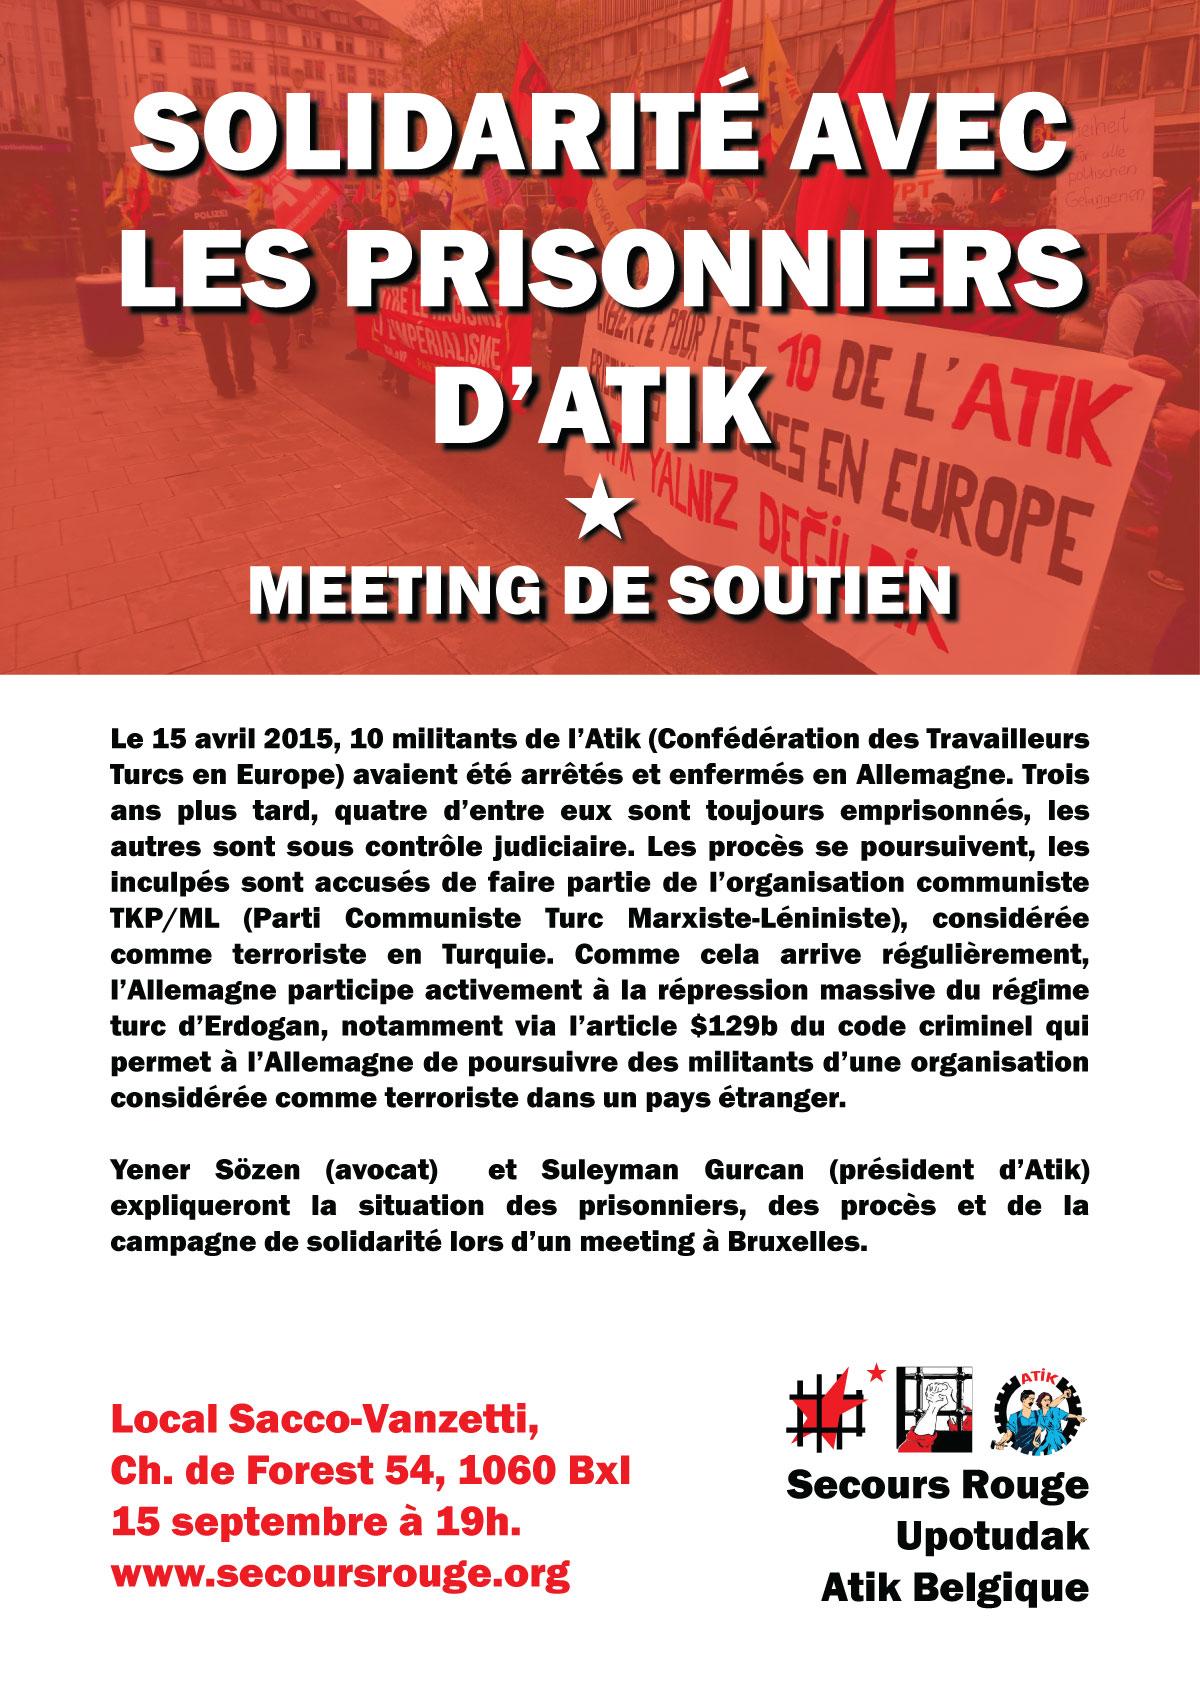 Meeting de soutien aux prisonniers d'Atik